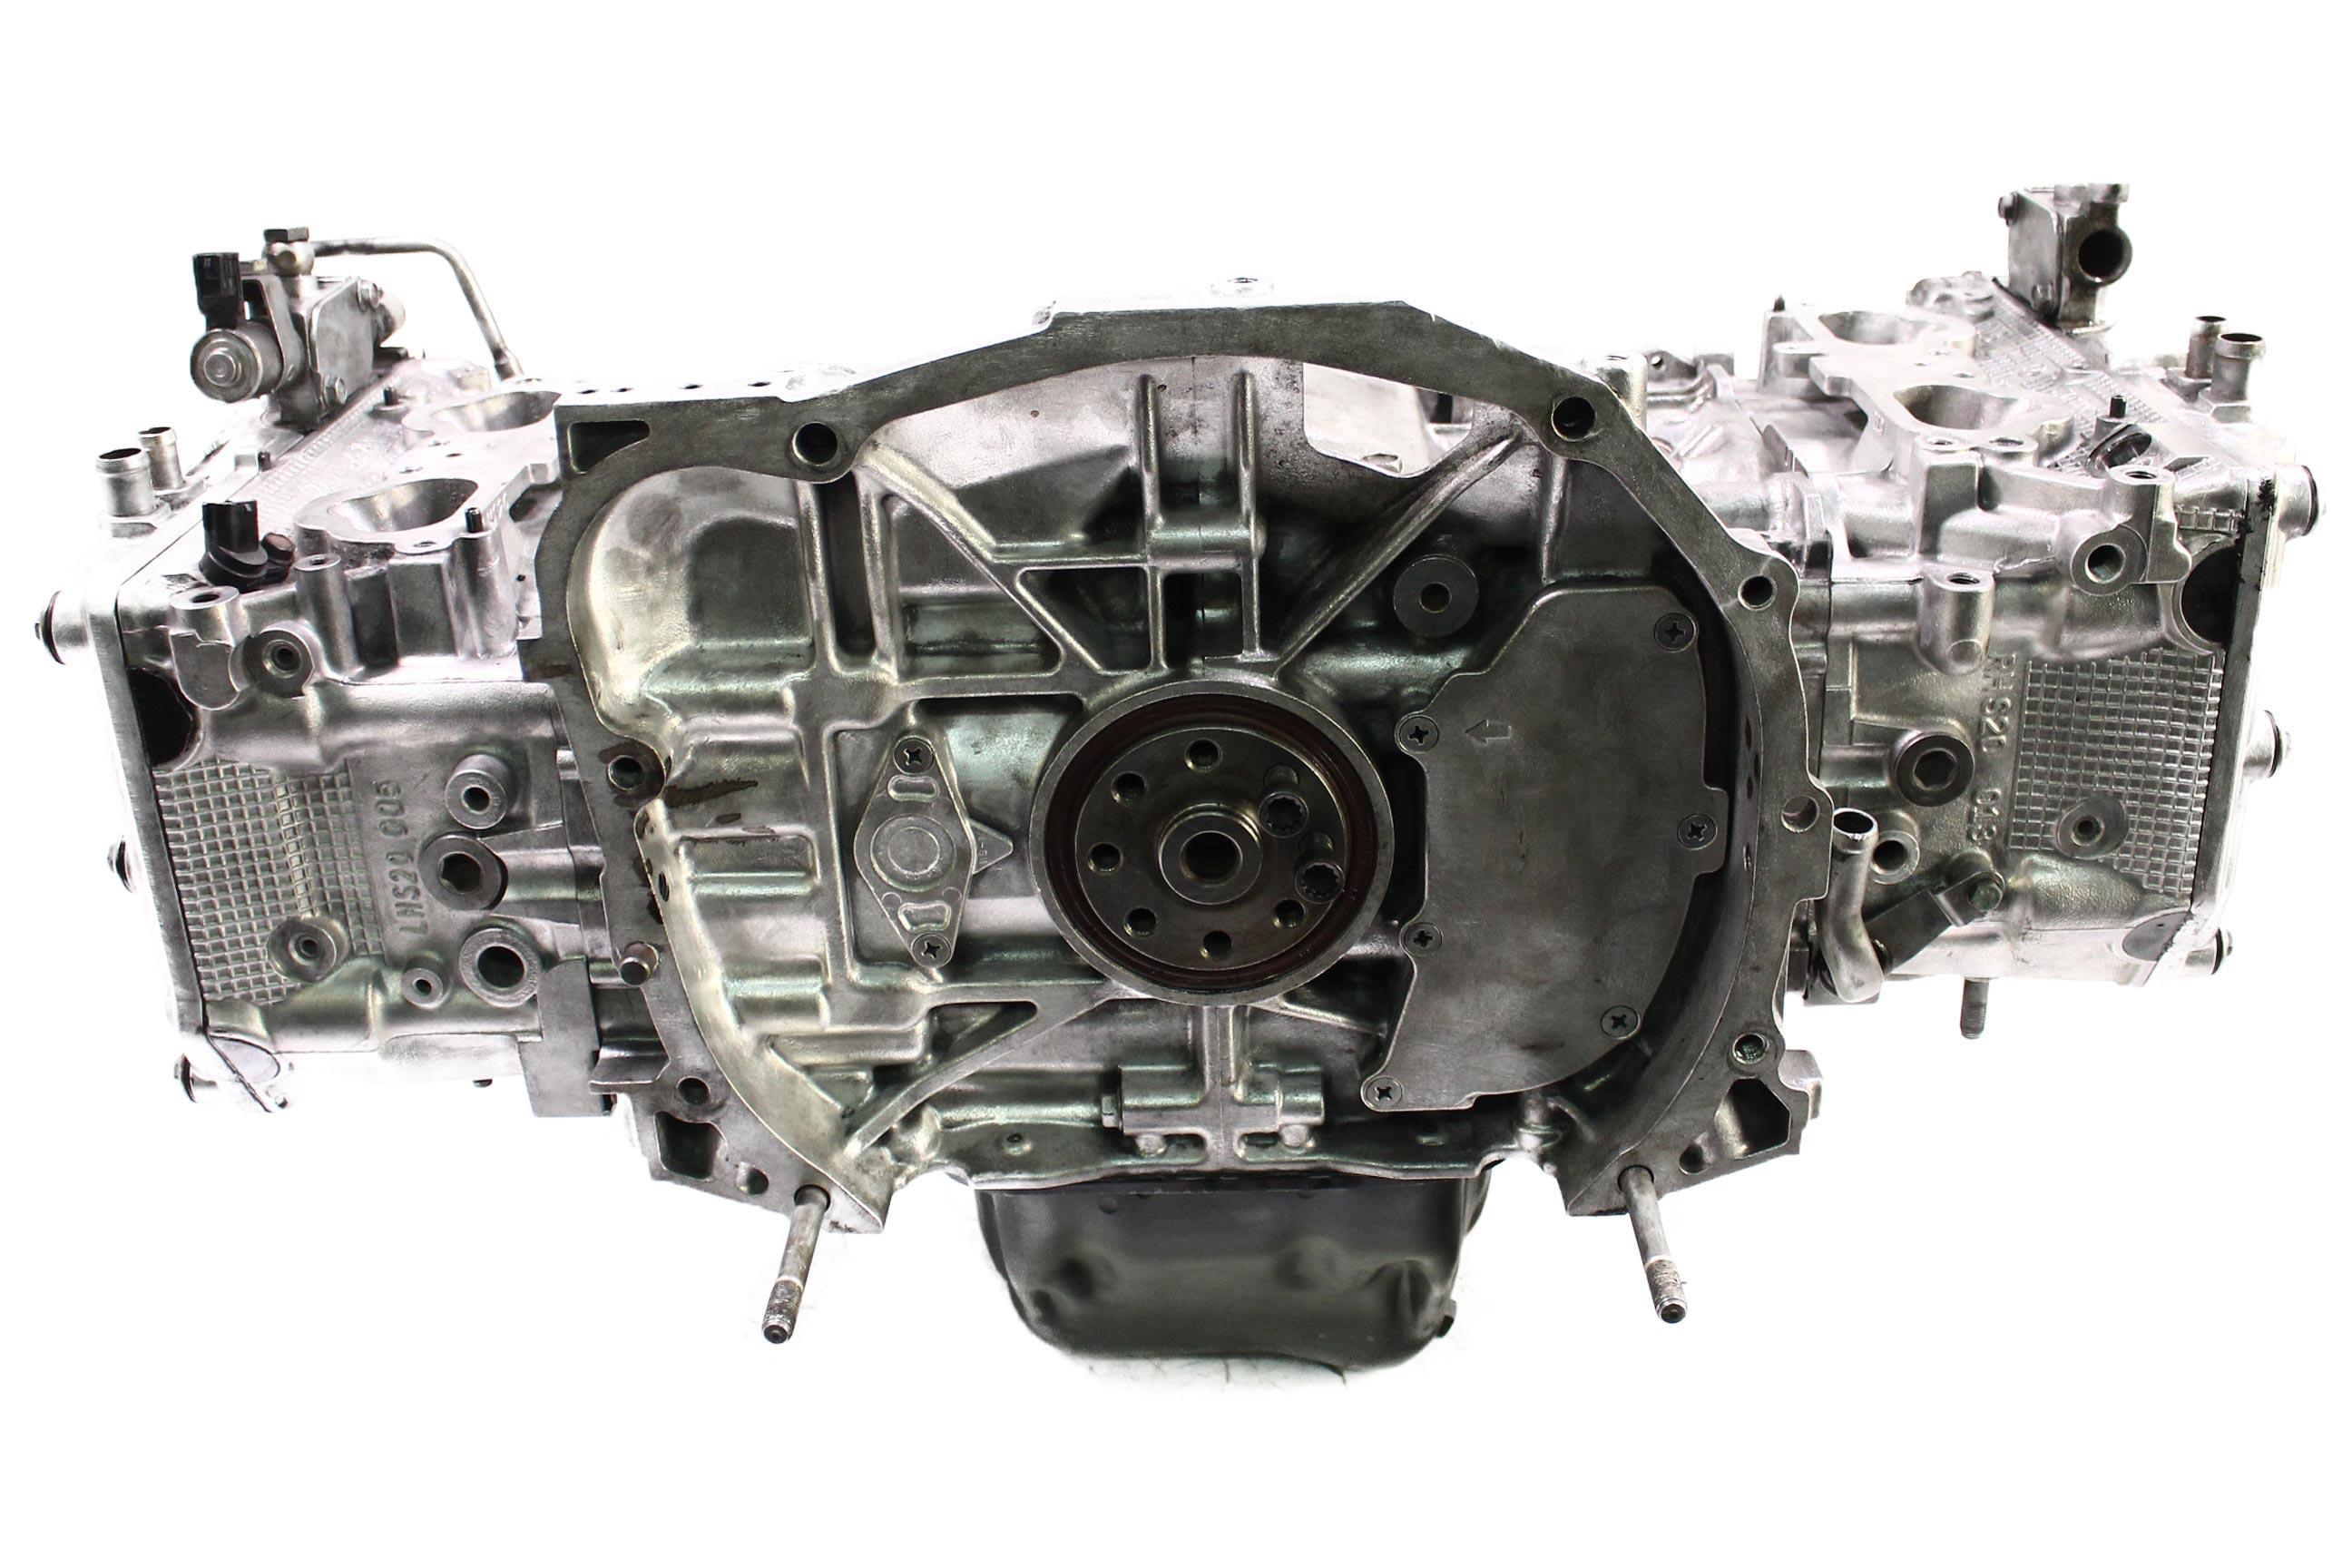 Motor 2003 für Subaru Impreza GD 2,0 Benzin WRX STi AWD EJ207 EJ20